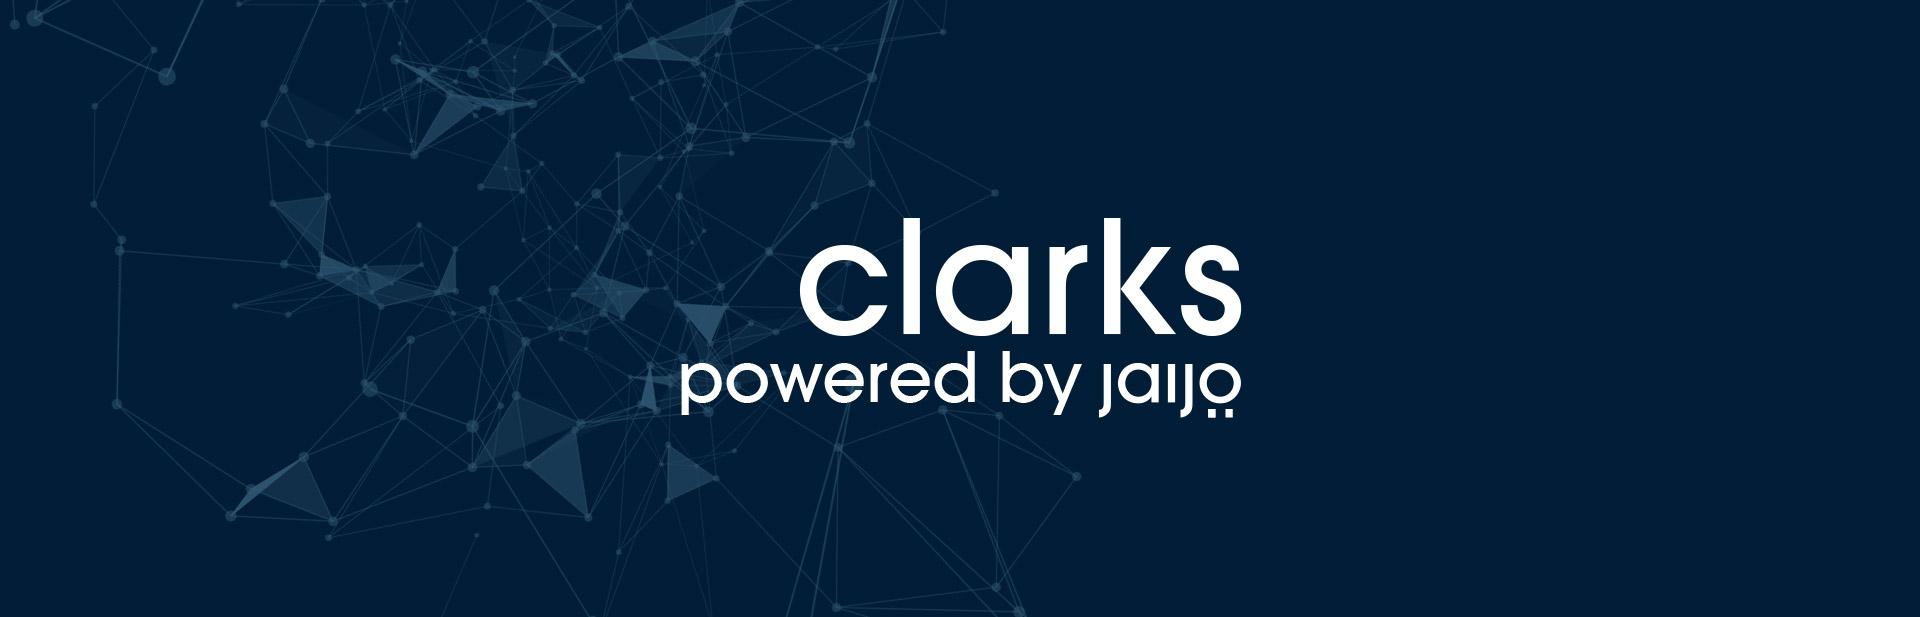 Clarks Computers